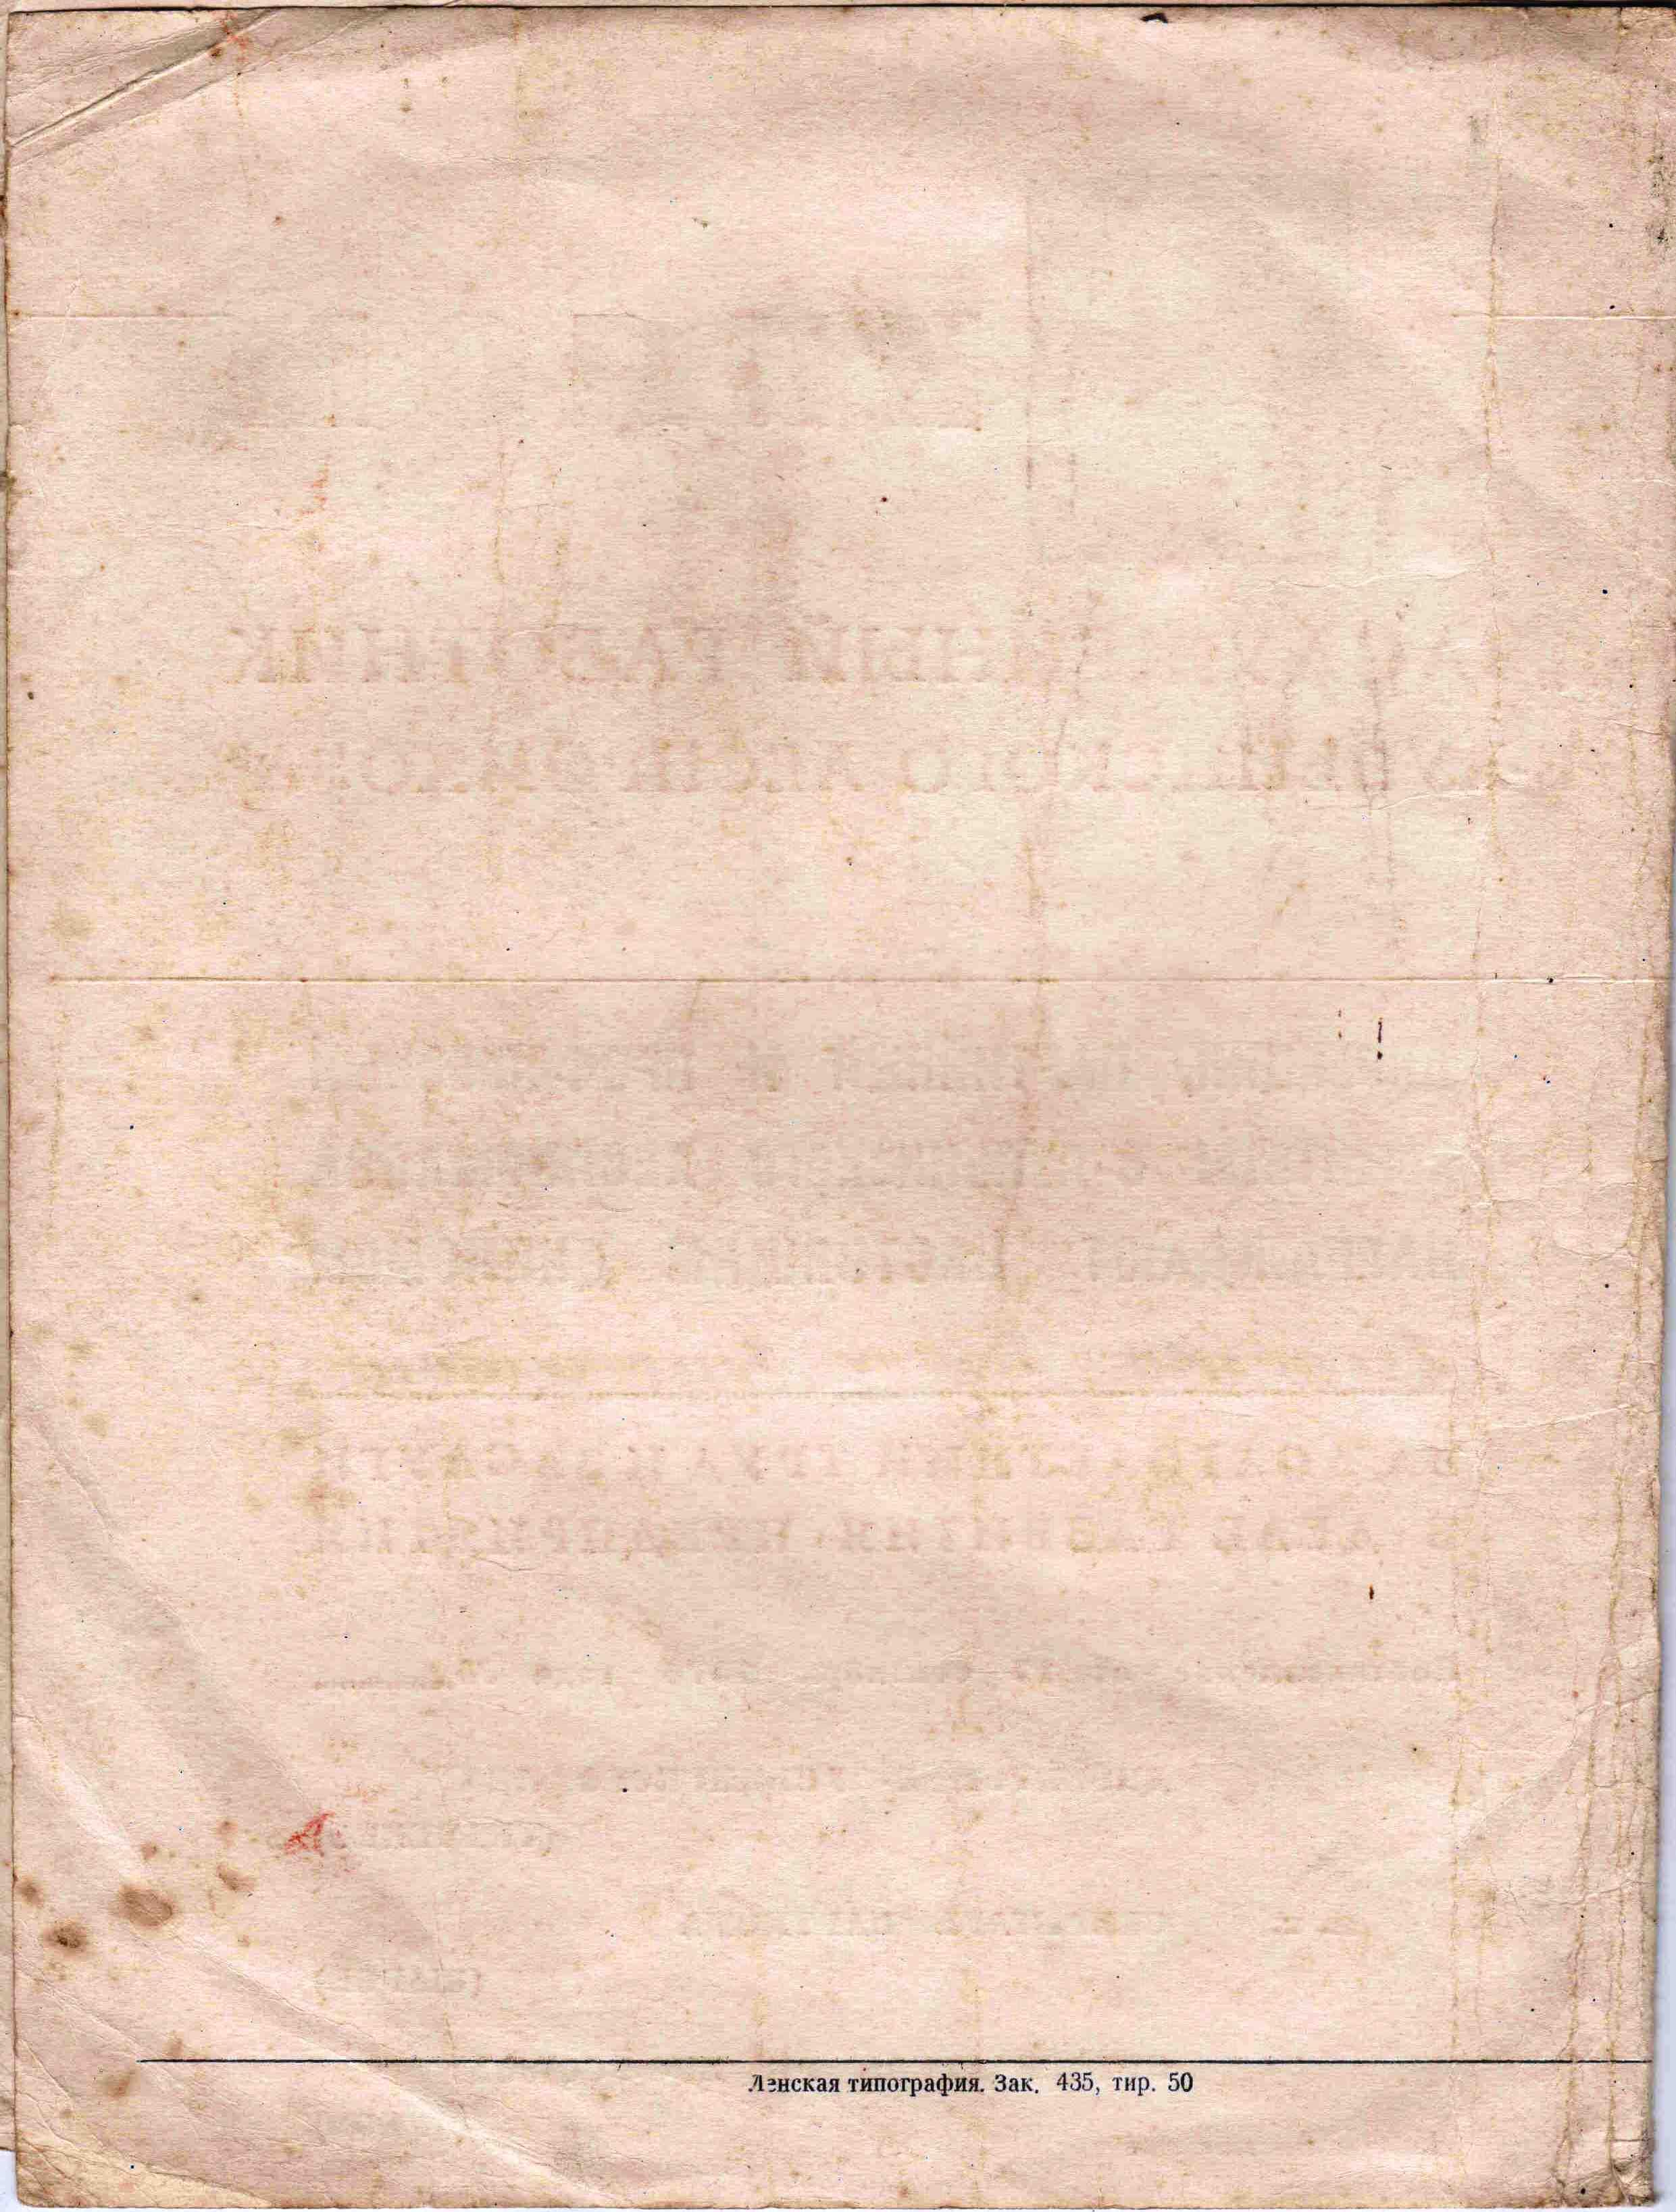 54. Диплом Заслуженного работника В-Лупьинского леспромхоза, 1970